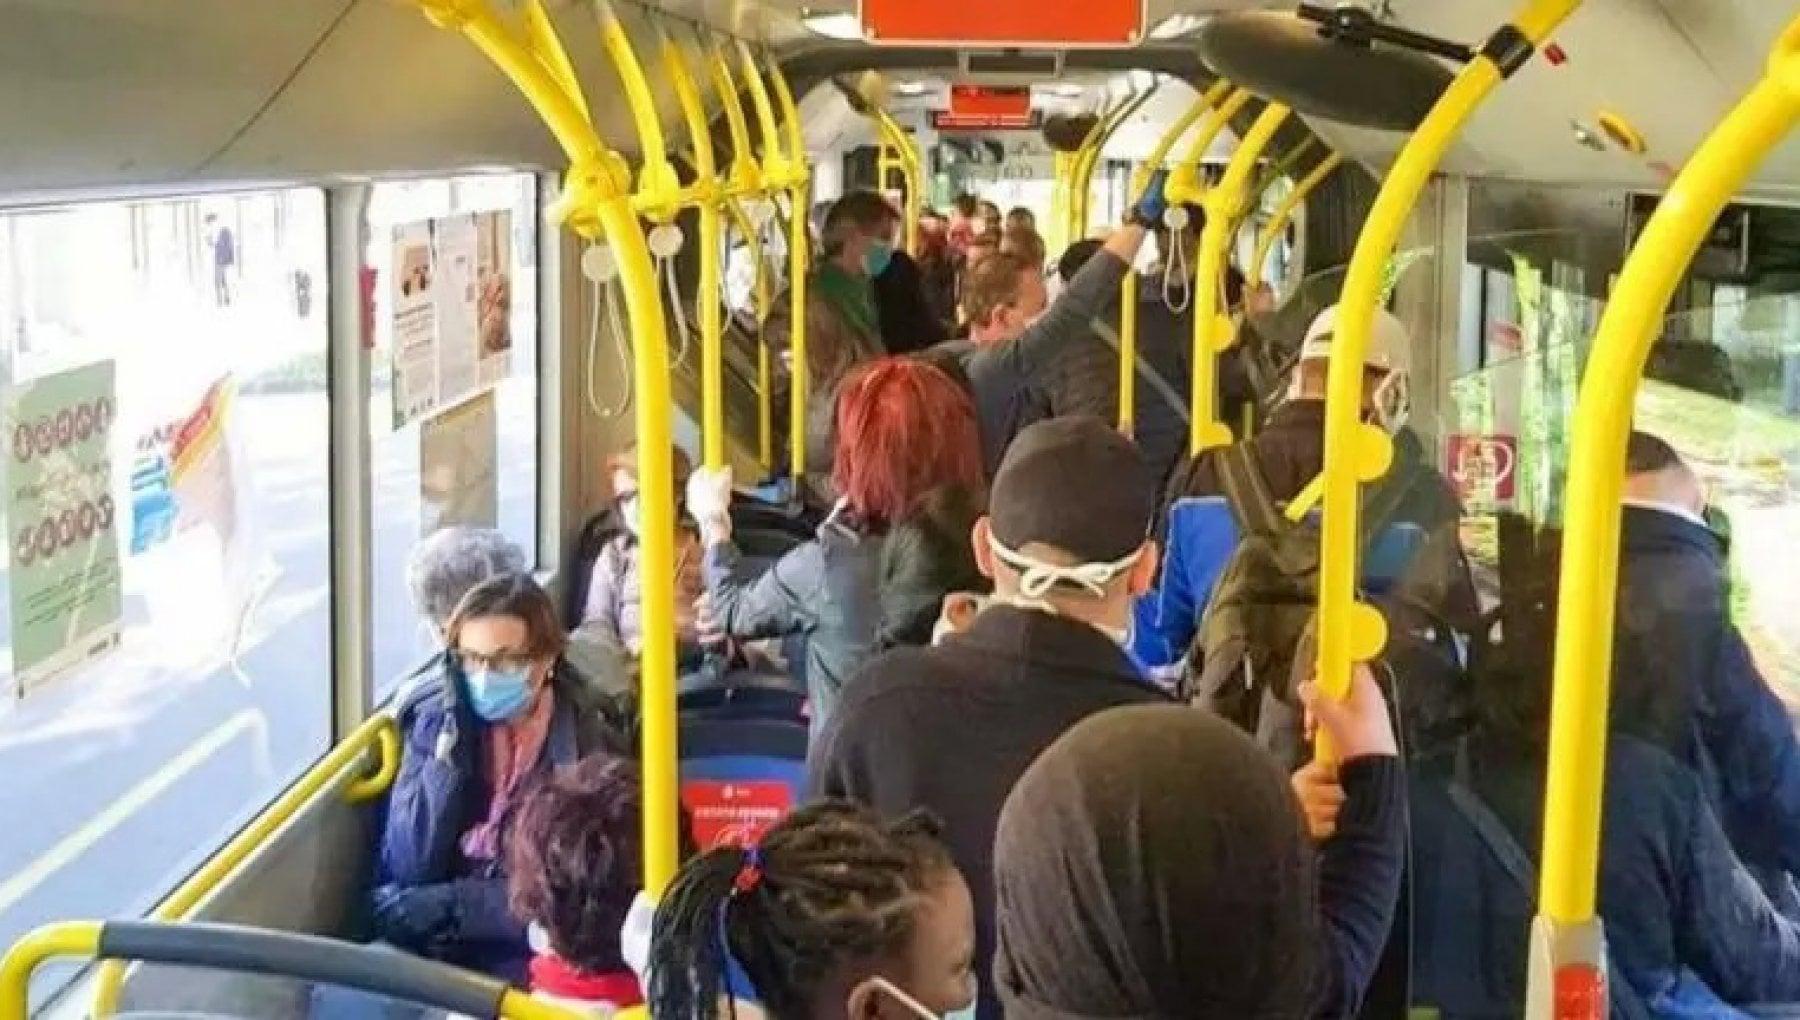 """184700881 961ba8b1 a3ea 4f85 bda2 620a2376e174 - Torino, passeggera sviene sul tram 4, gli amici al telefono: """"E' positiva al Covid"""". Scatta l'allarme"""